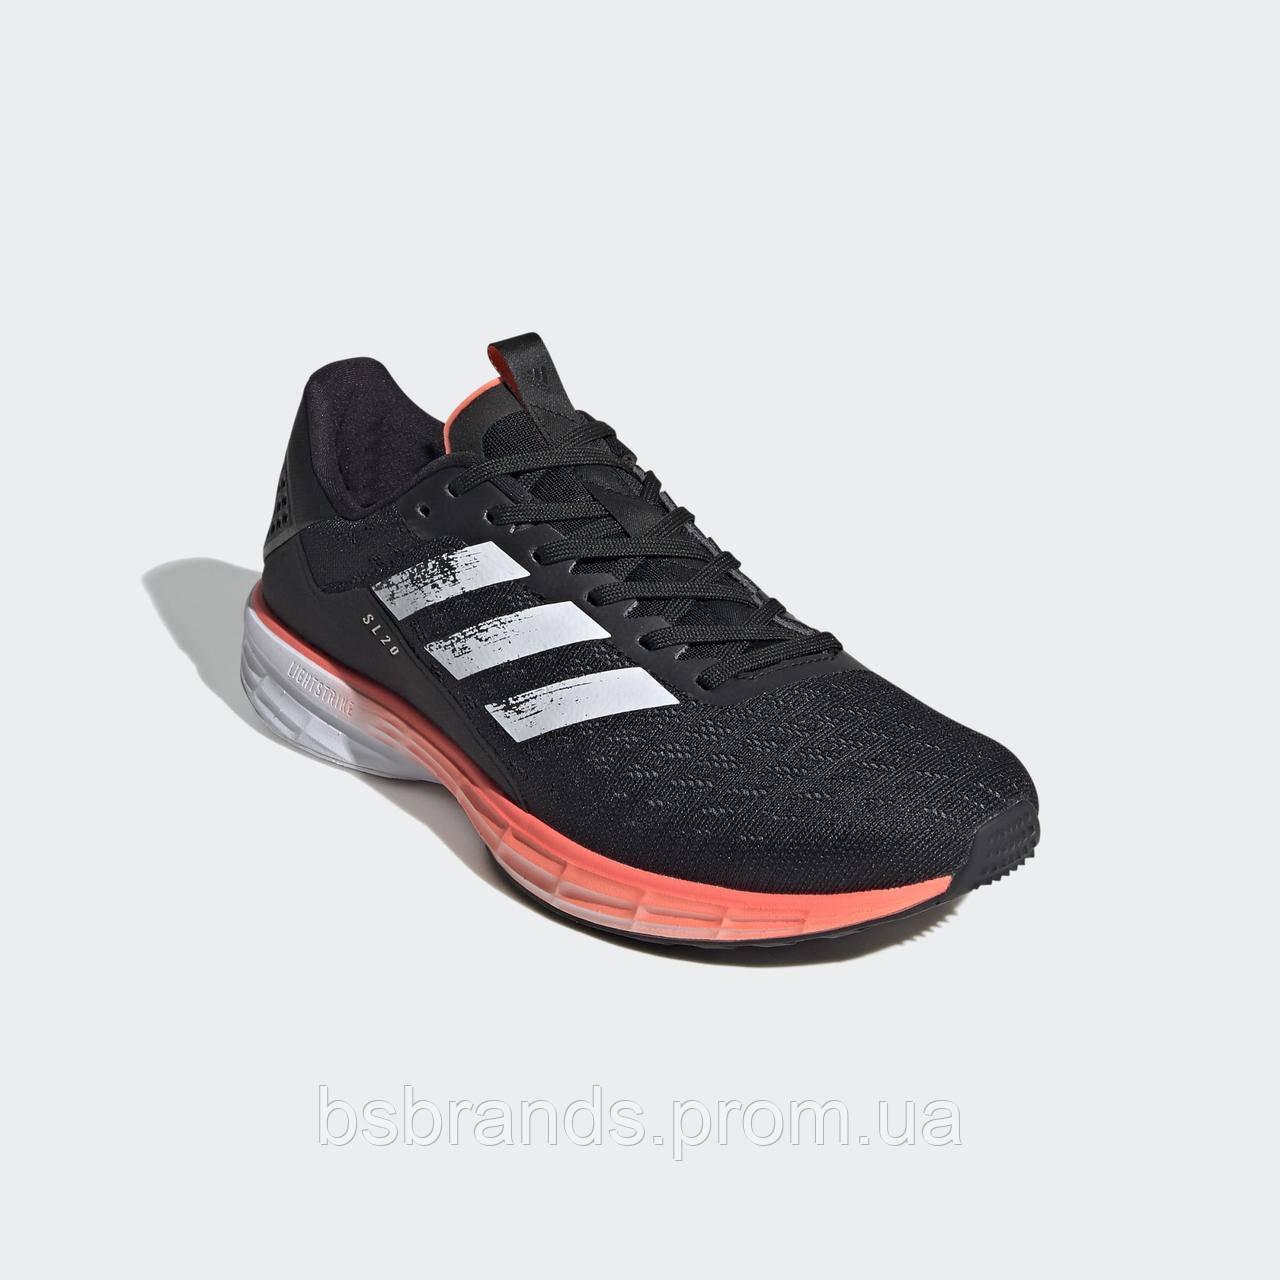 Мужские кроссовки adidas для бега SL20 EG1144 (2020/1)